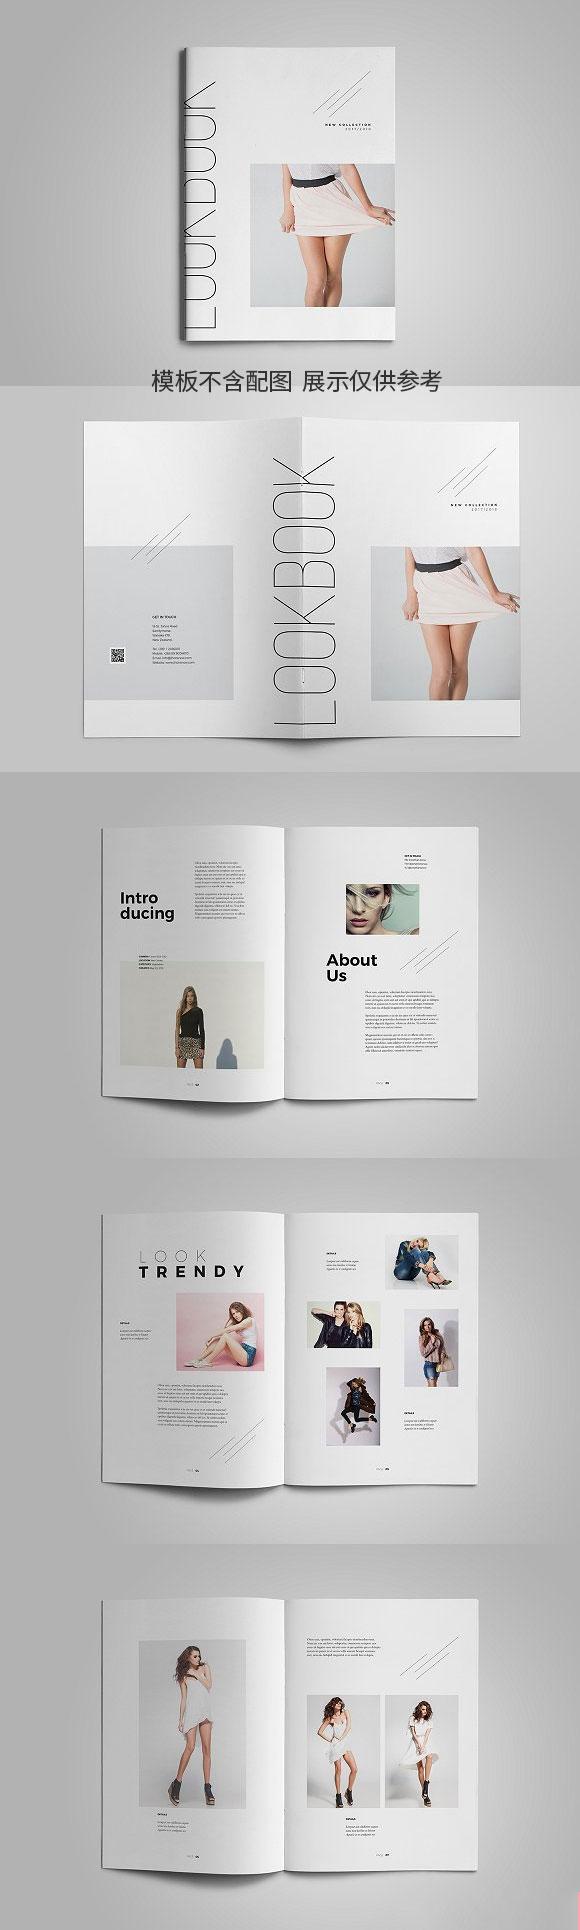 时尚时装写真画册